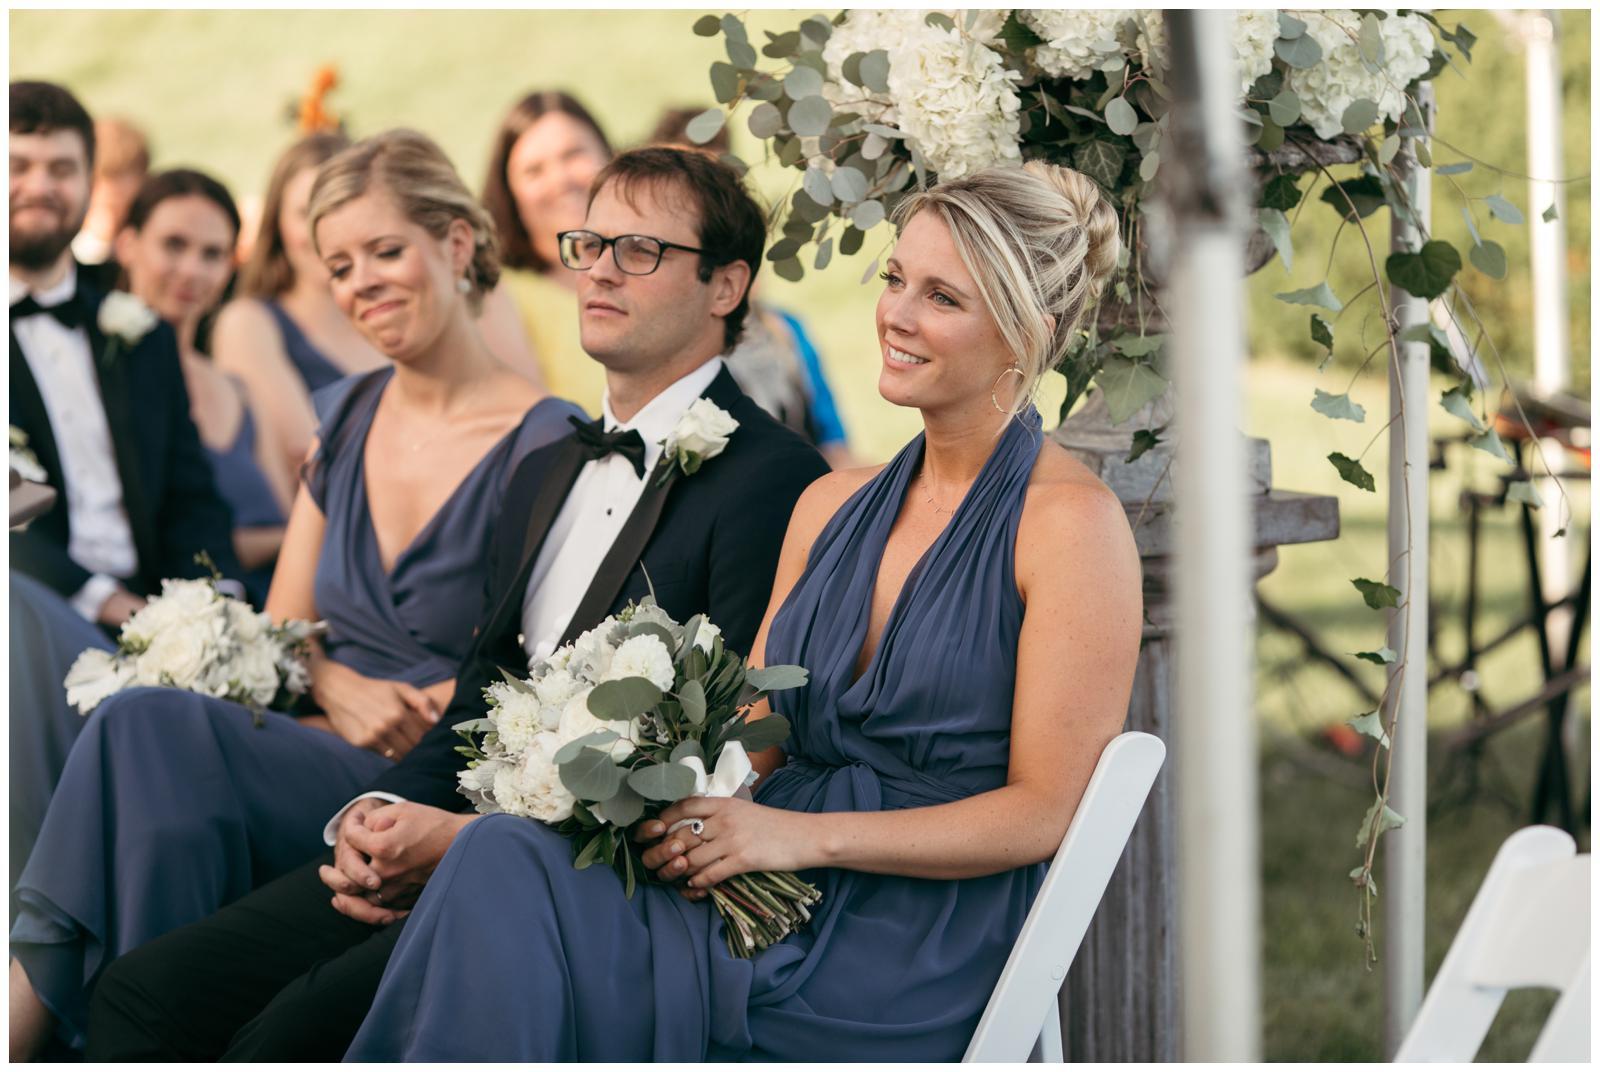 Misselwood wedding ceremony